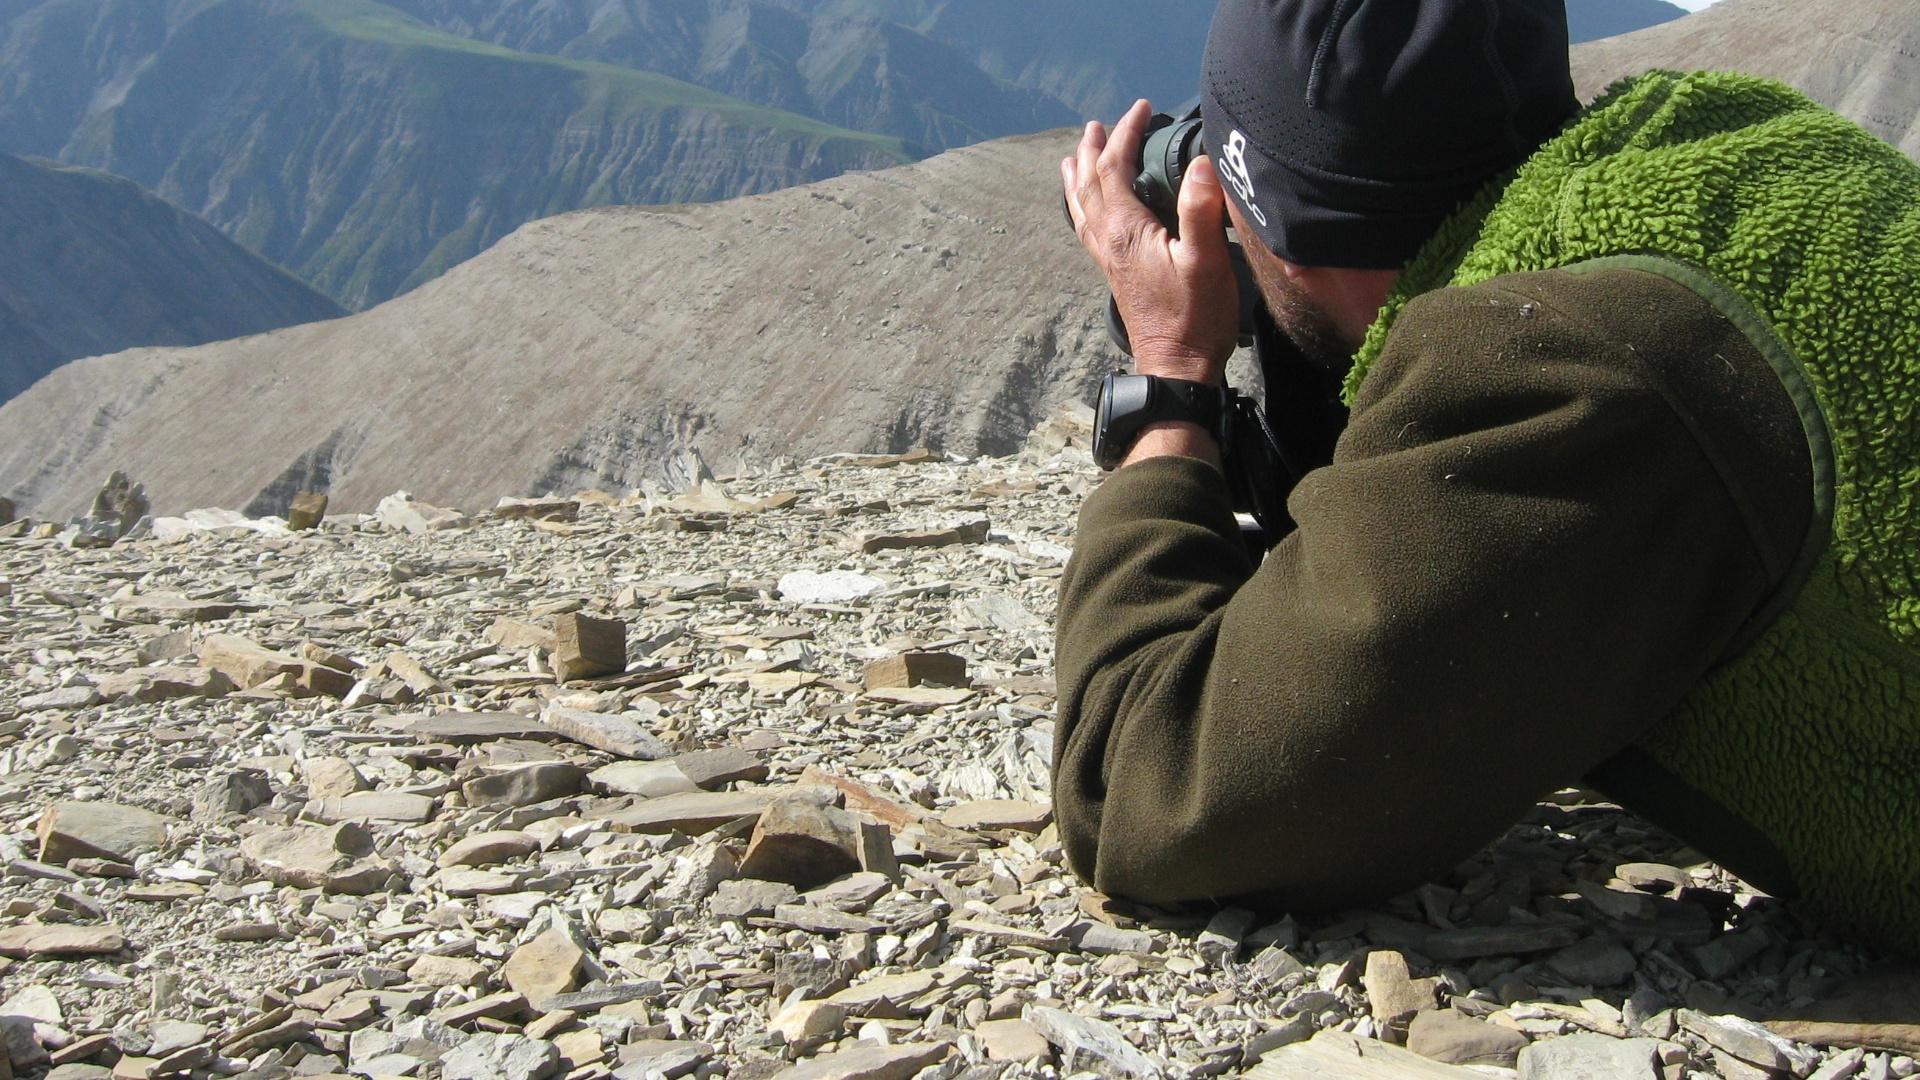 Caccia e Pesca Hunting Around the World